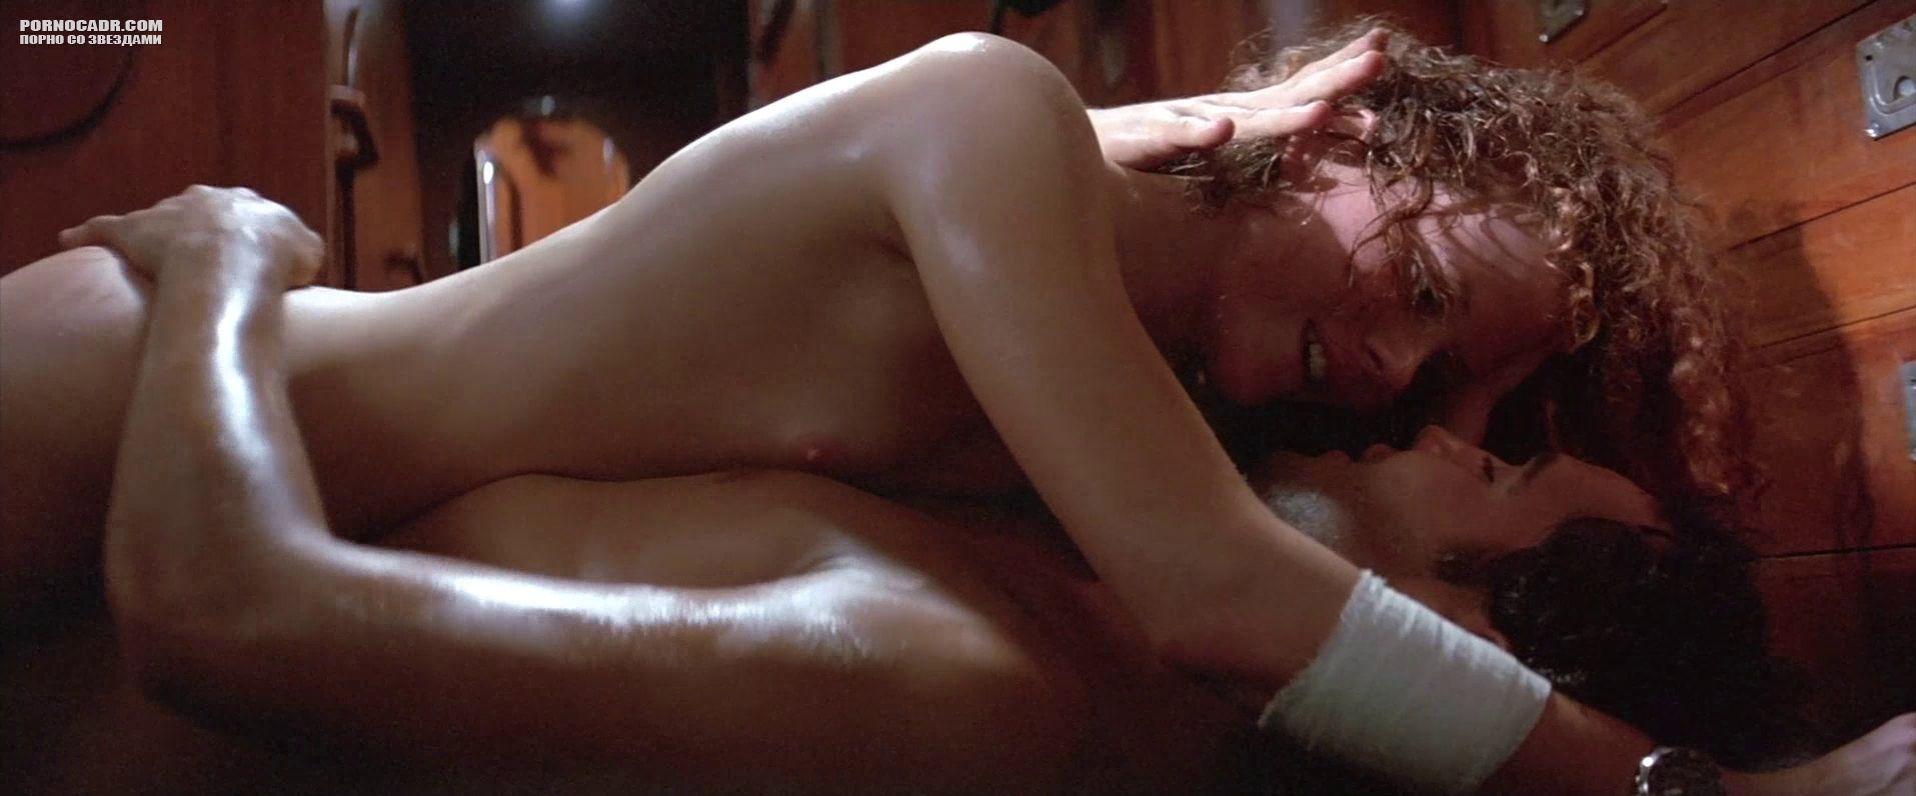 Порно сцены с николь кидман, проститутки мужчины кургана